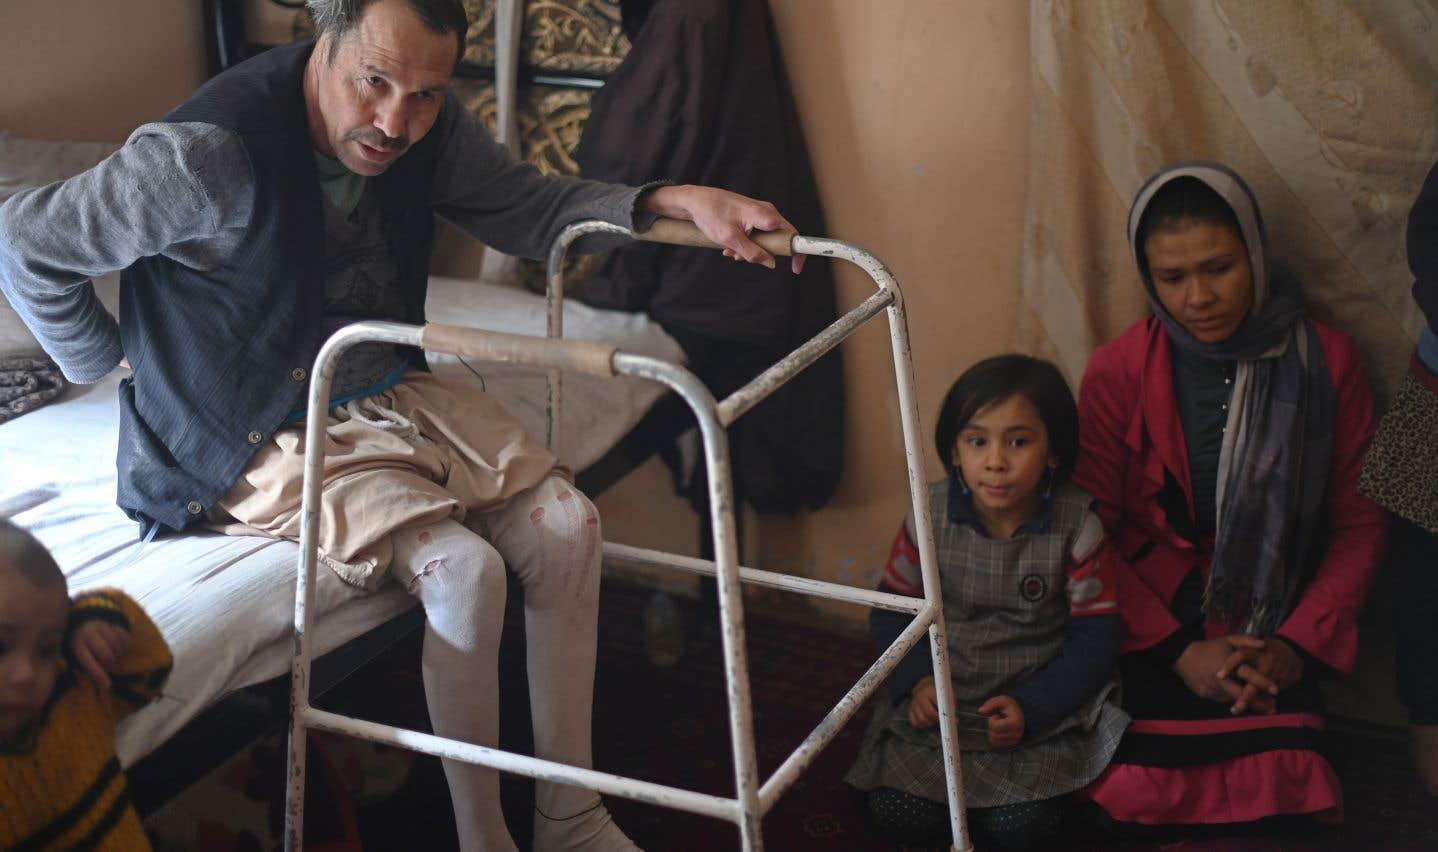 Plus de 10 000 civils ont été tués ou blessés en Afghanistan en 2017. Sur la photo, un homme blessé lors d'un attentat suicide.